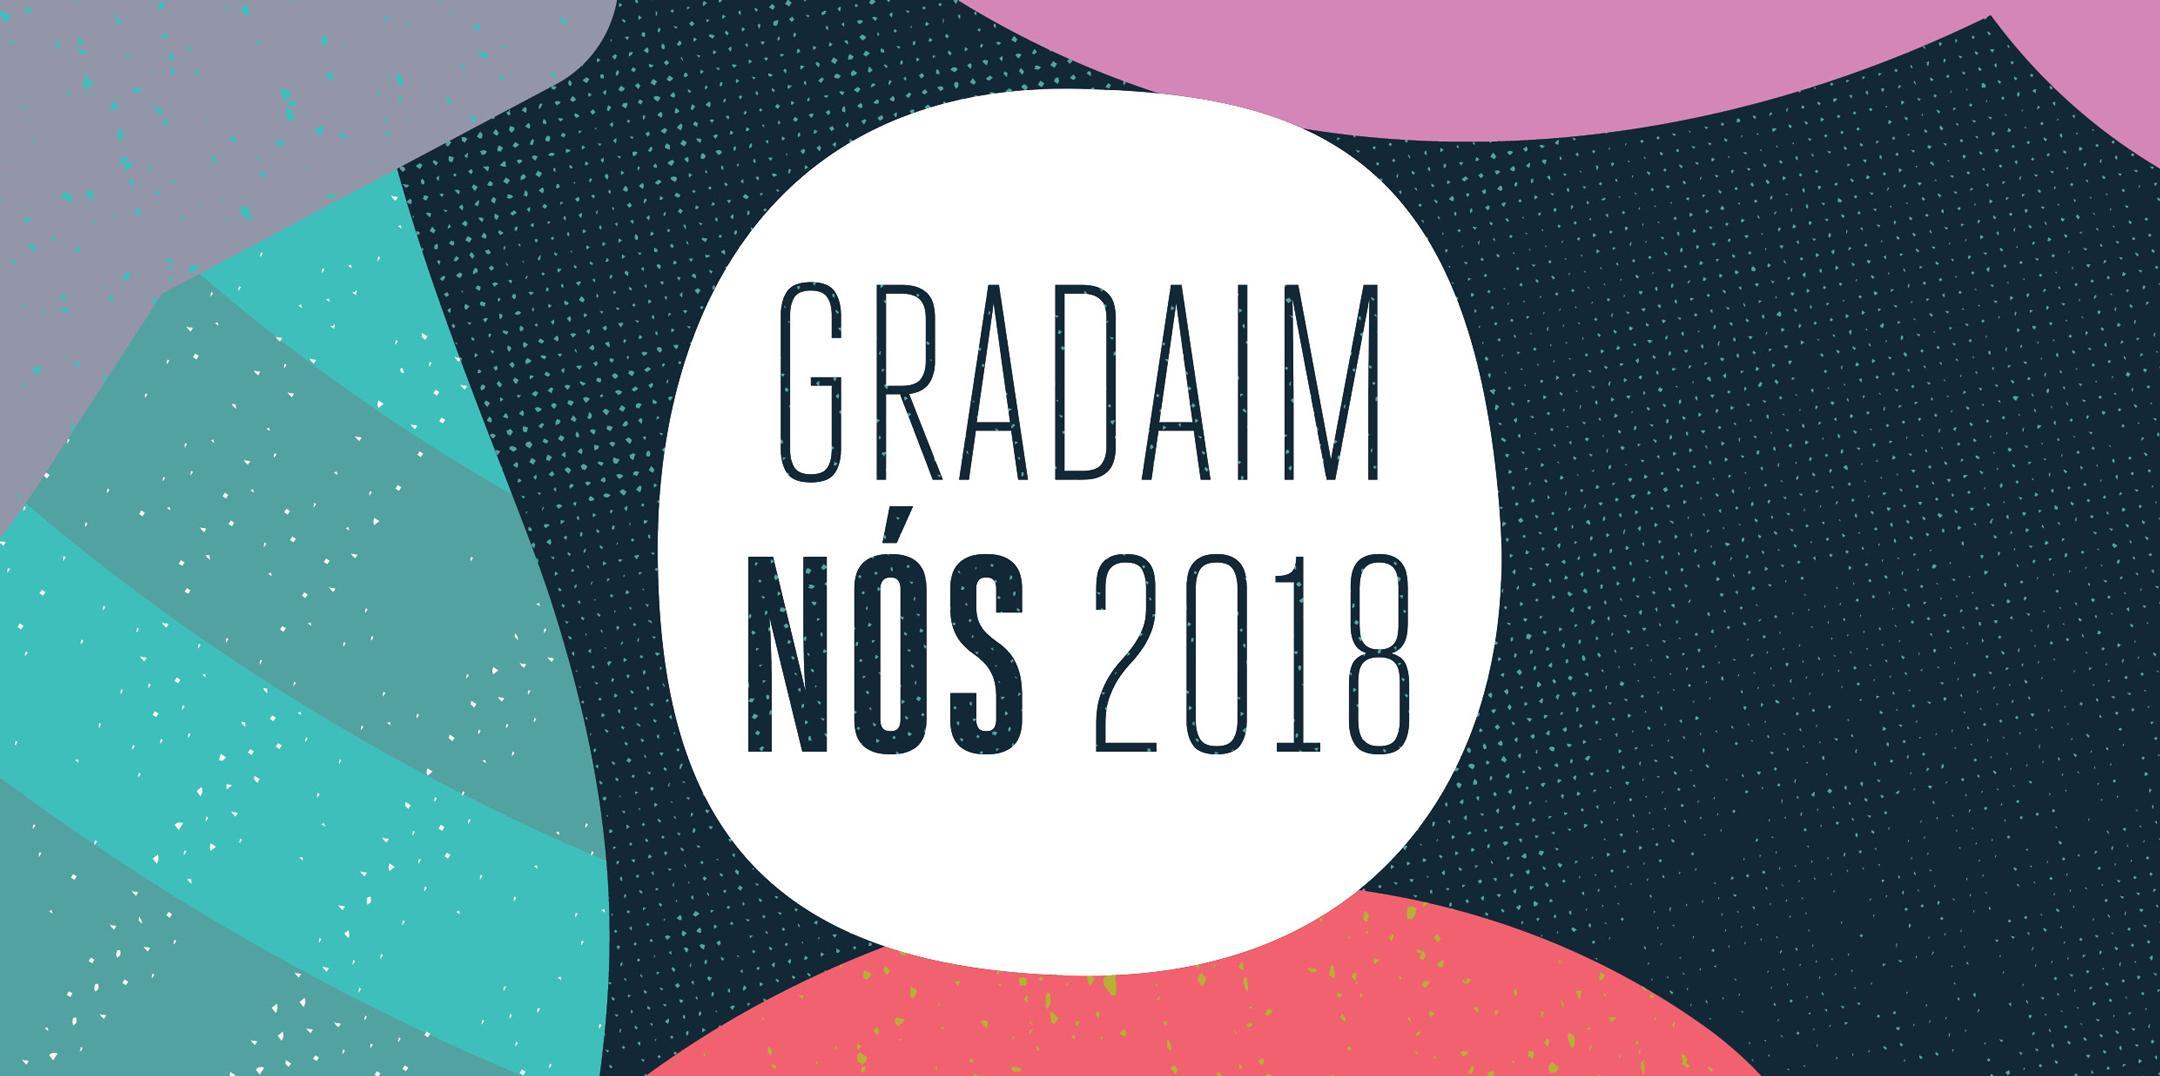 Gradaim NÓS 2018